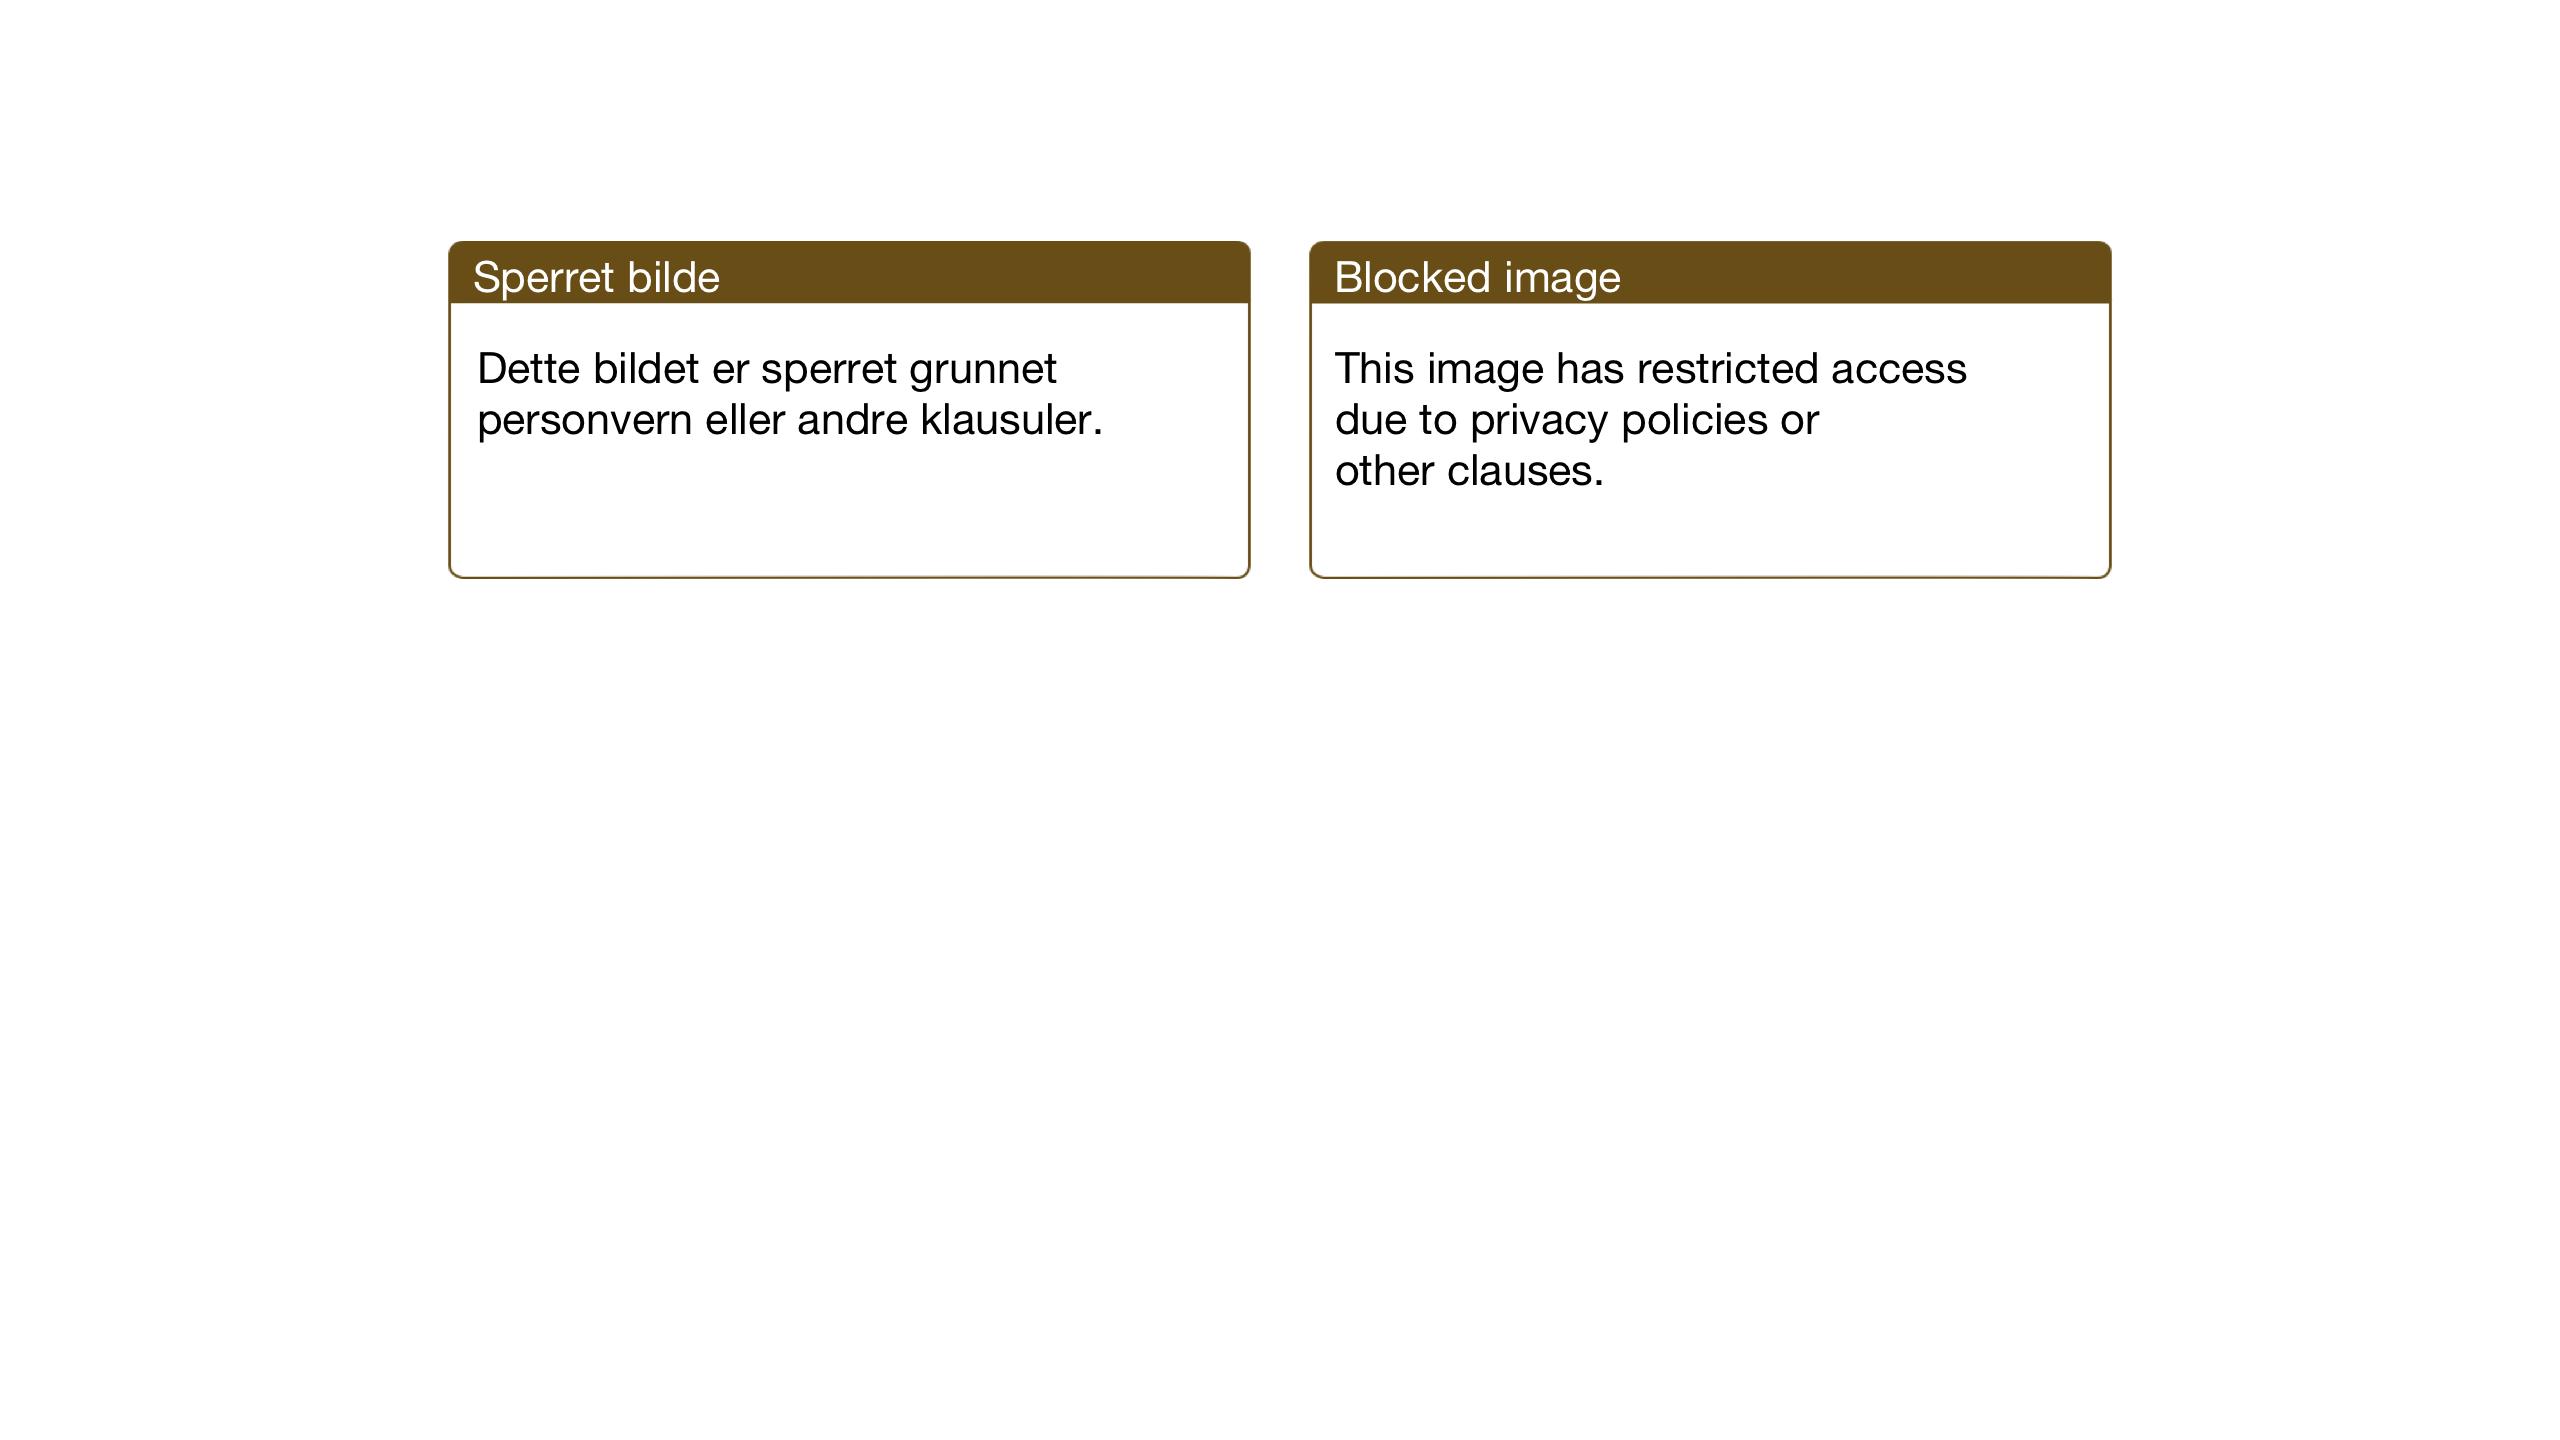 SAT, Ministerialprotokoller, klokkerbøker og fødselsregistre - Nord-Trøndelag, 746/L0455: Klokkerbok nr. 746C01, 1908-1933, s. 48